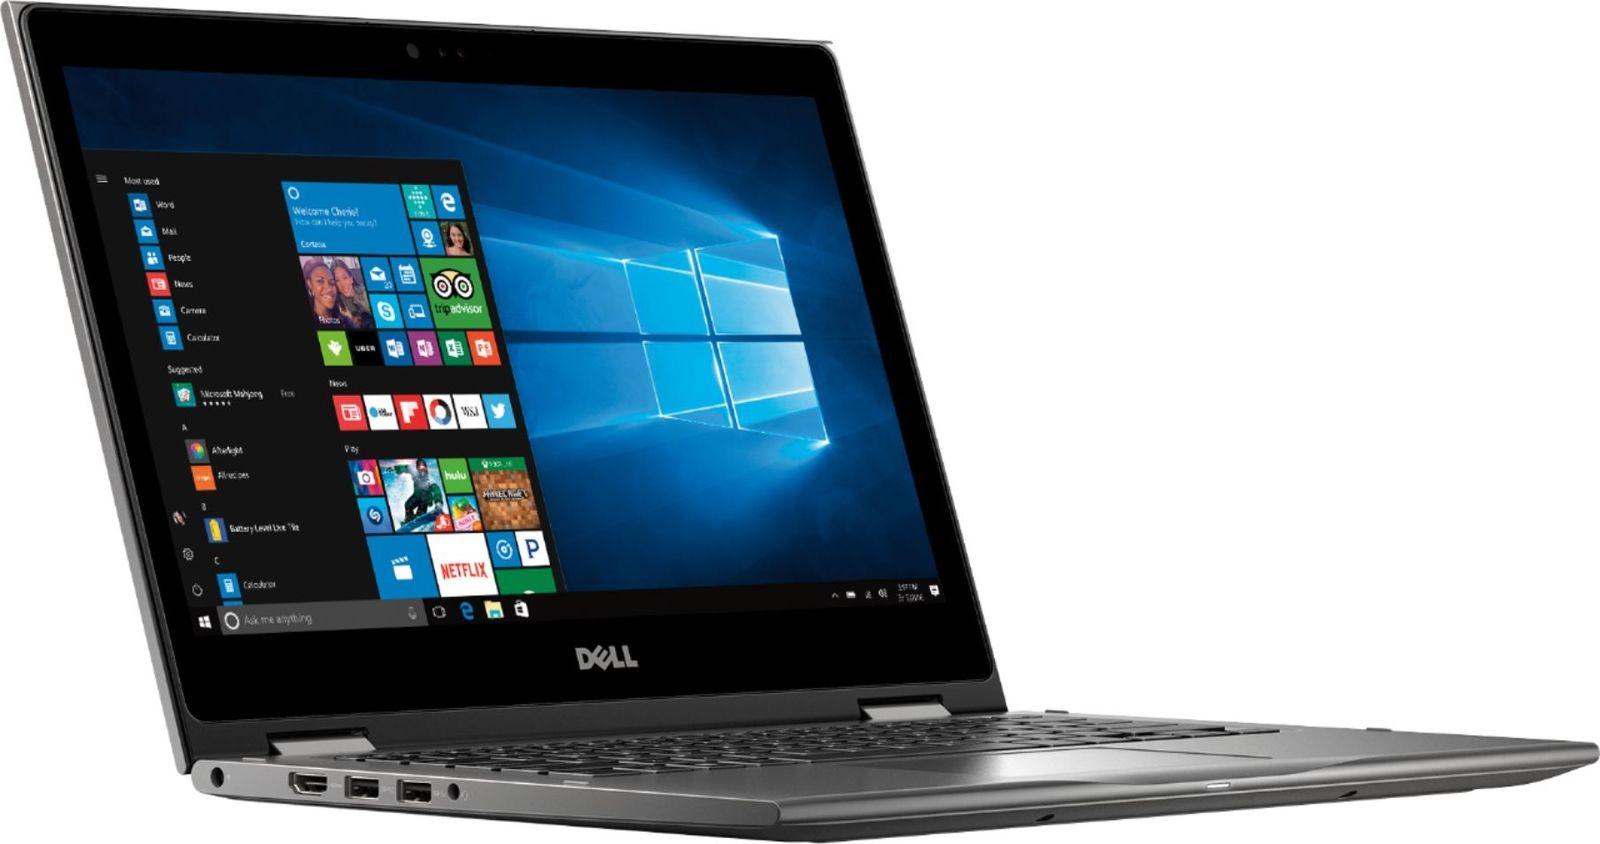 """Dell Inspiron 13 7375 2-in1 Laptop: Ryzen 7 2700U, 13.3"""" 1080p IPS Touchscreen, 12GB DDR4, 256GB SSD, Vega 10, Win 10 $599.99 w/ EDU + Free Shipping @ Best Buy"""